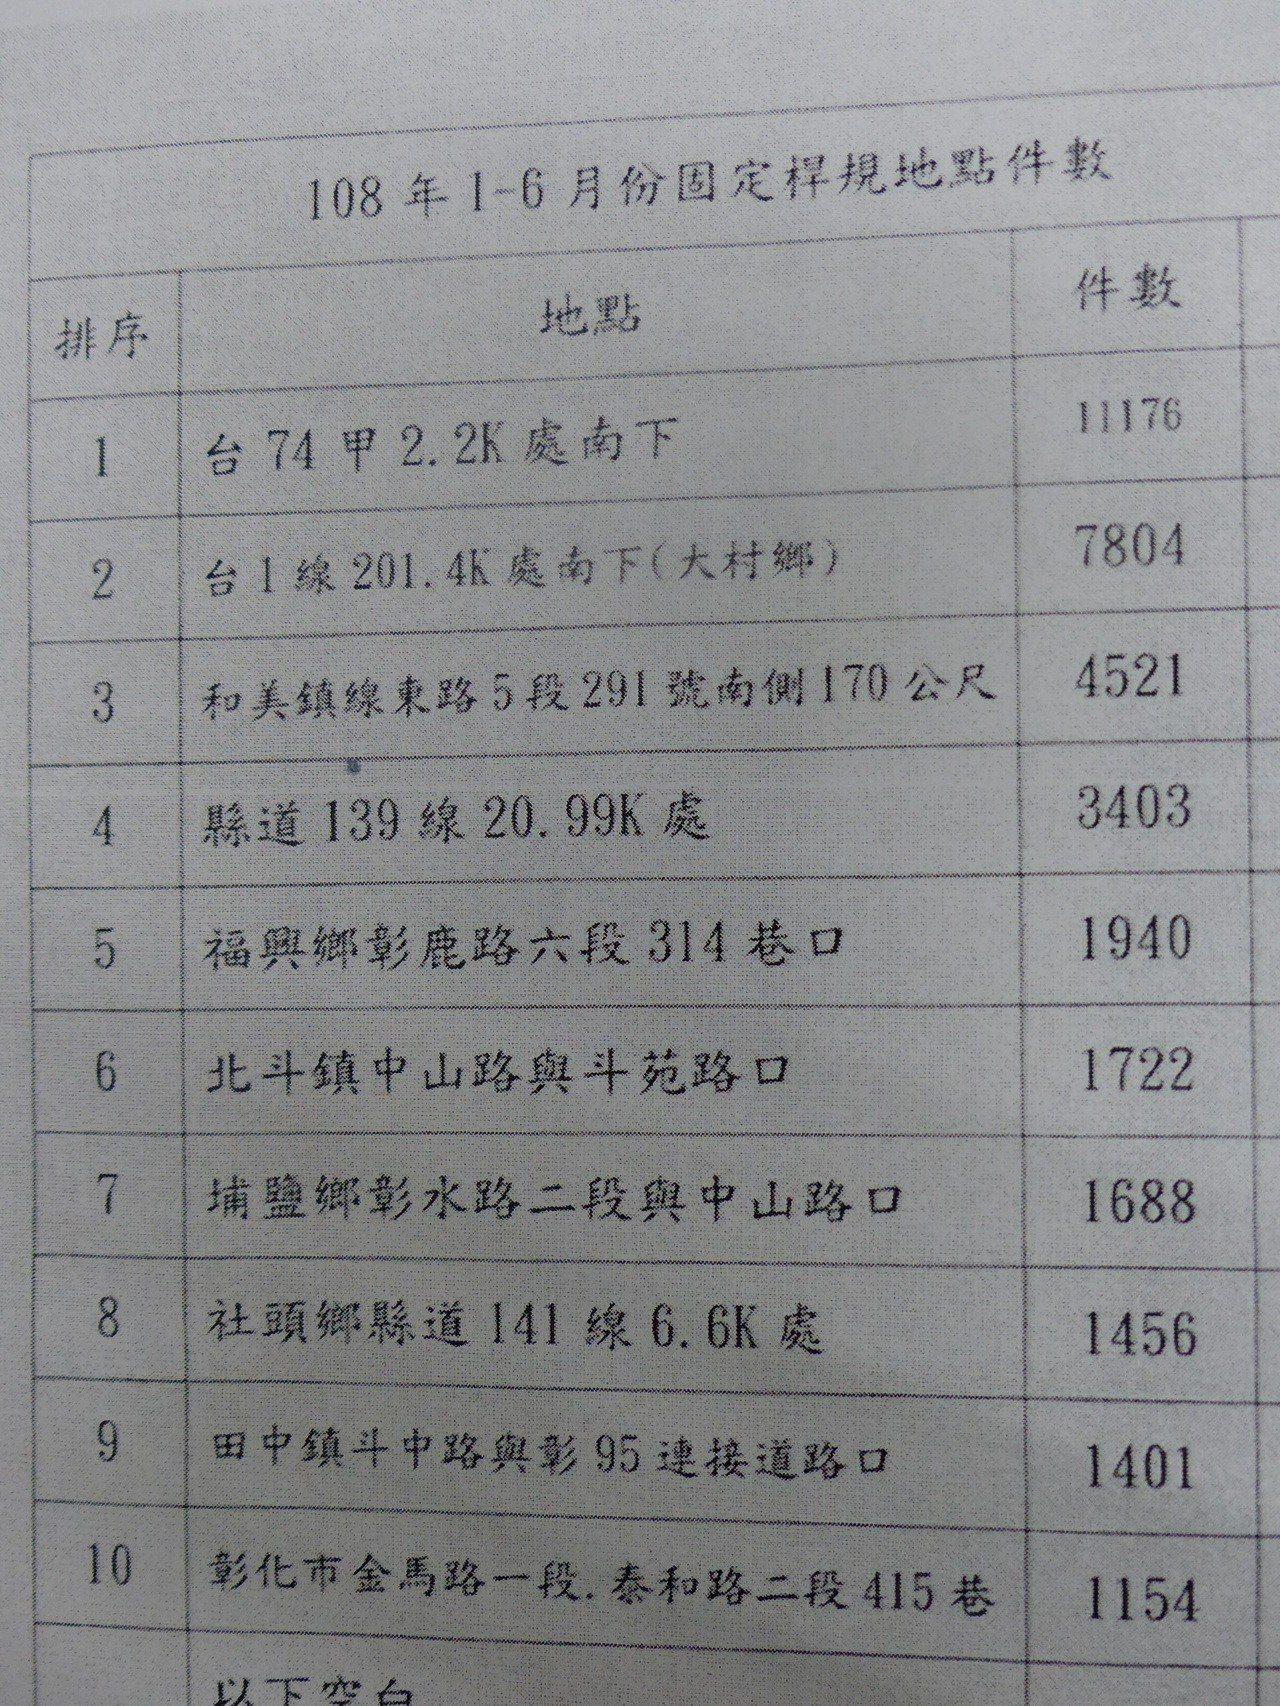 彰化縣警局交通隊統計今年上半年取締超速件數10大排行榜,總取締件數達3萬6255...